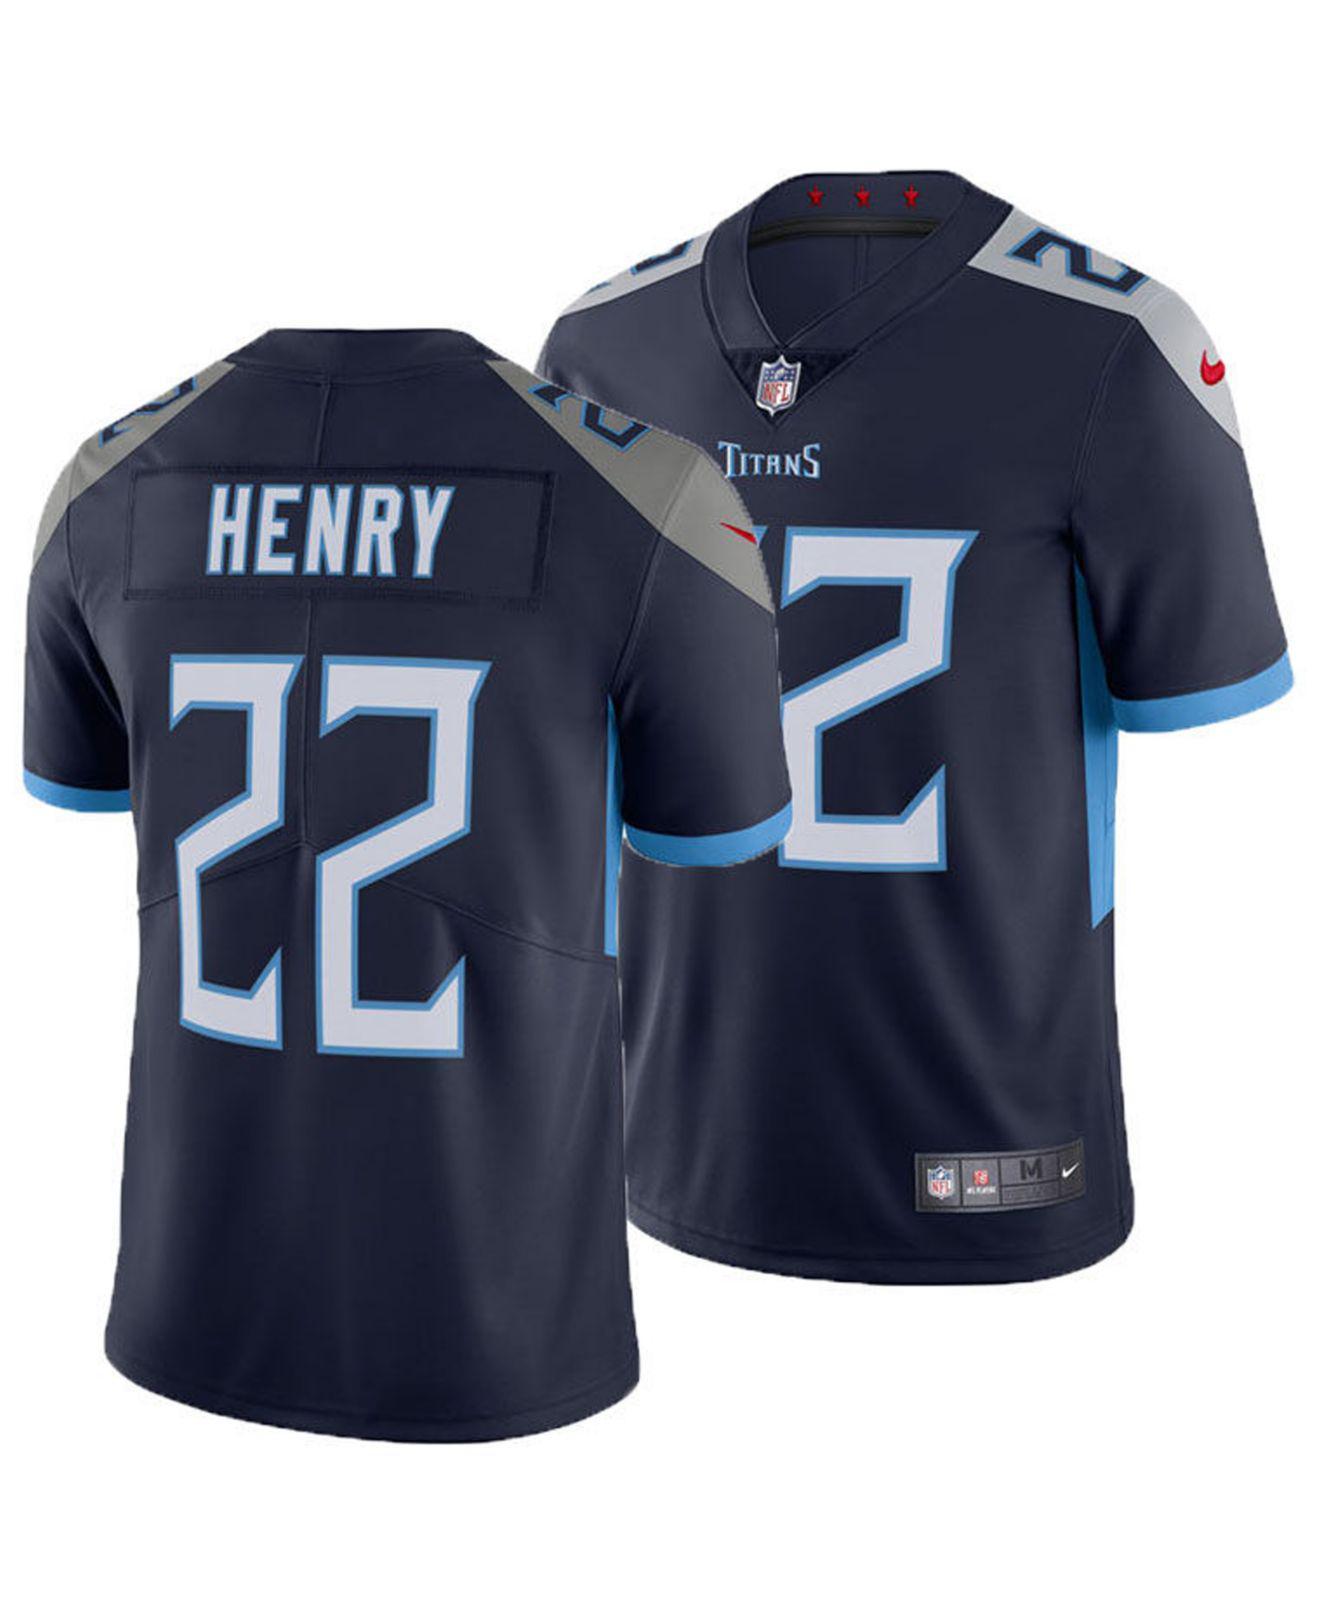 a1846756d Nike. Men s Blue Derrick Henry Tennessee Titans Vapor Untouchable Limited  Jersey